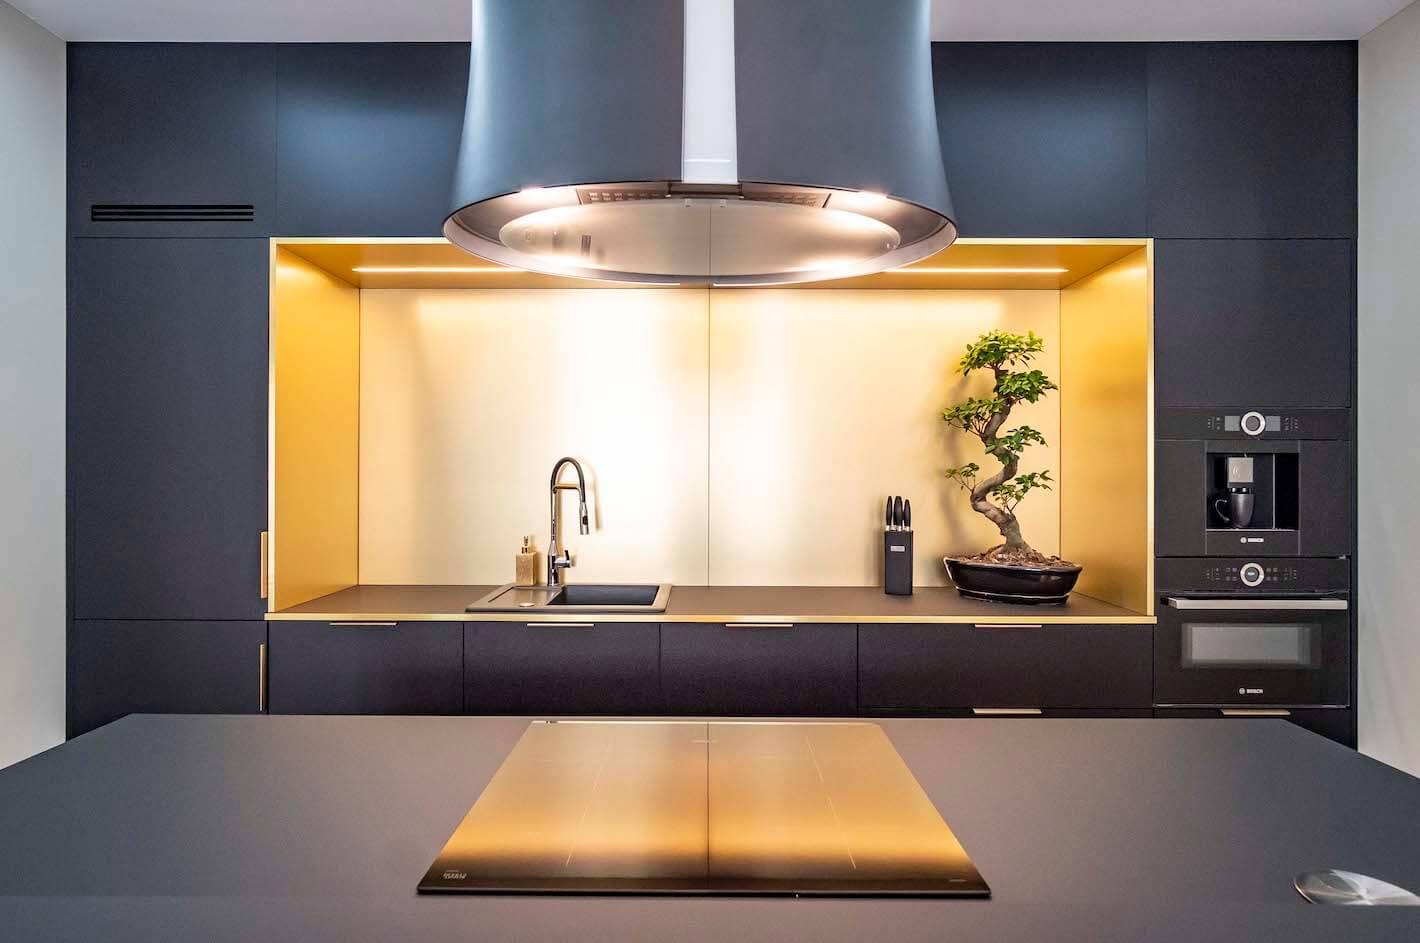 oswietlenie-blatu-w-kuchni-jakie-rozwiazanie-wybrac